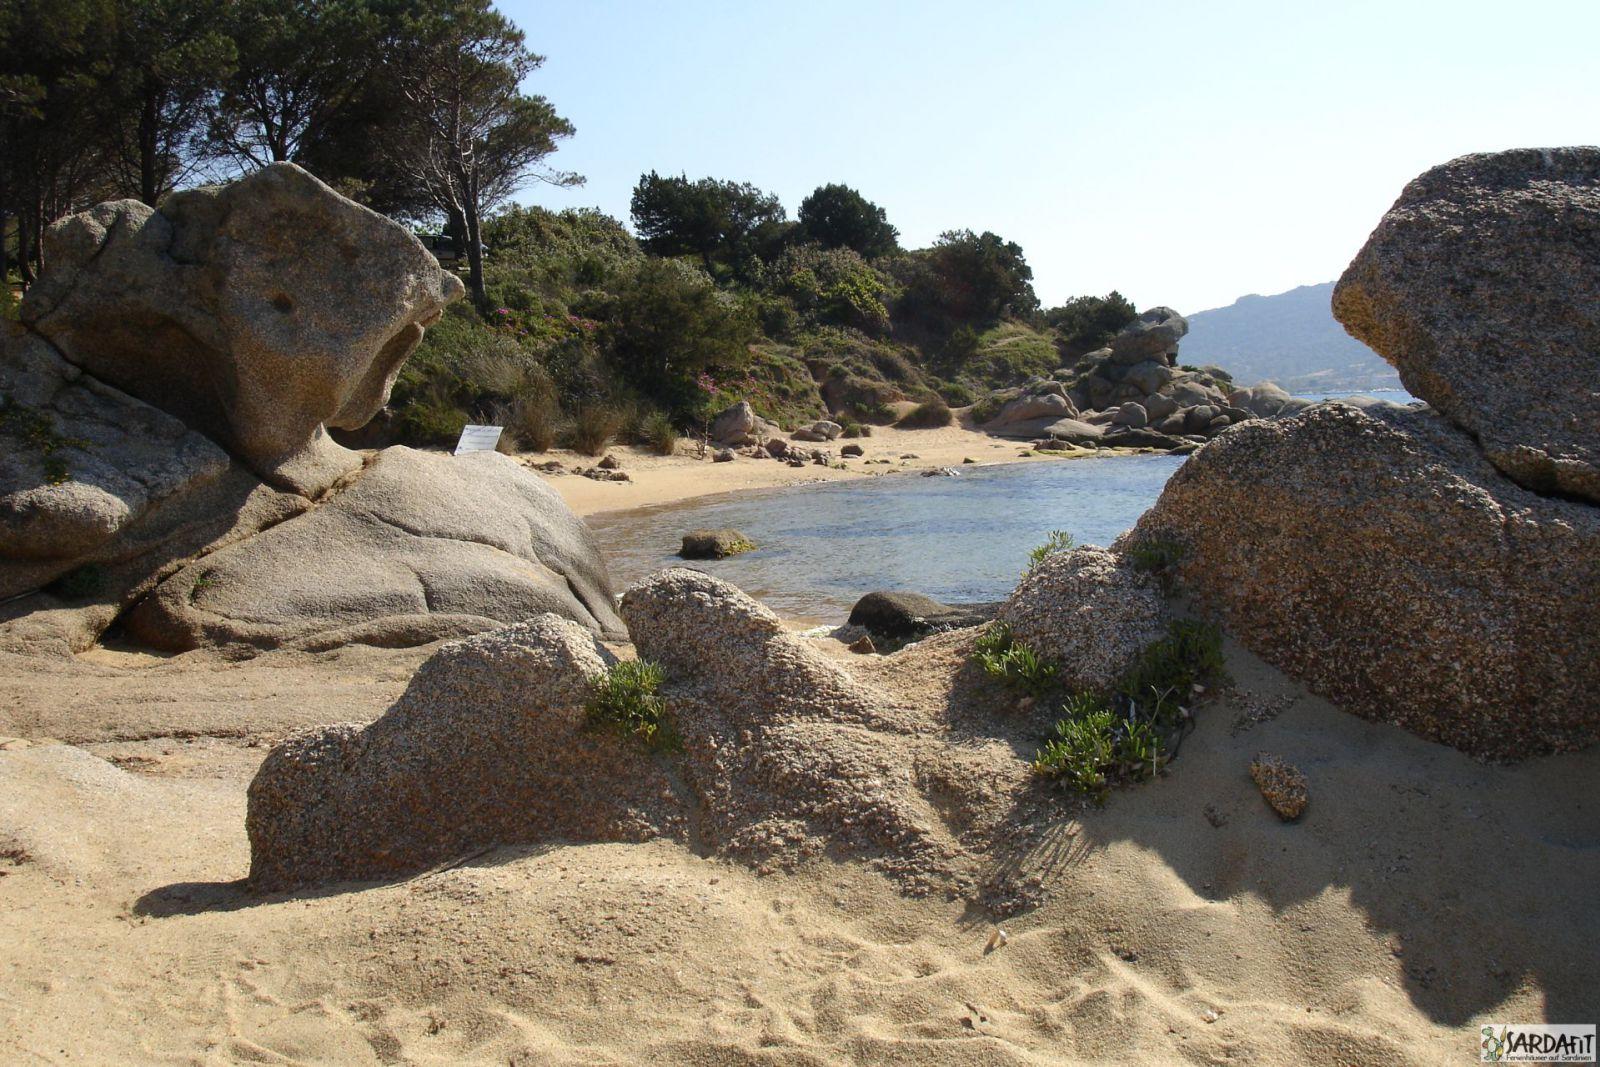 Sardinien sardafit information cala liberotto sardafit for Sardinien ferienhaus am strand